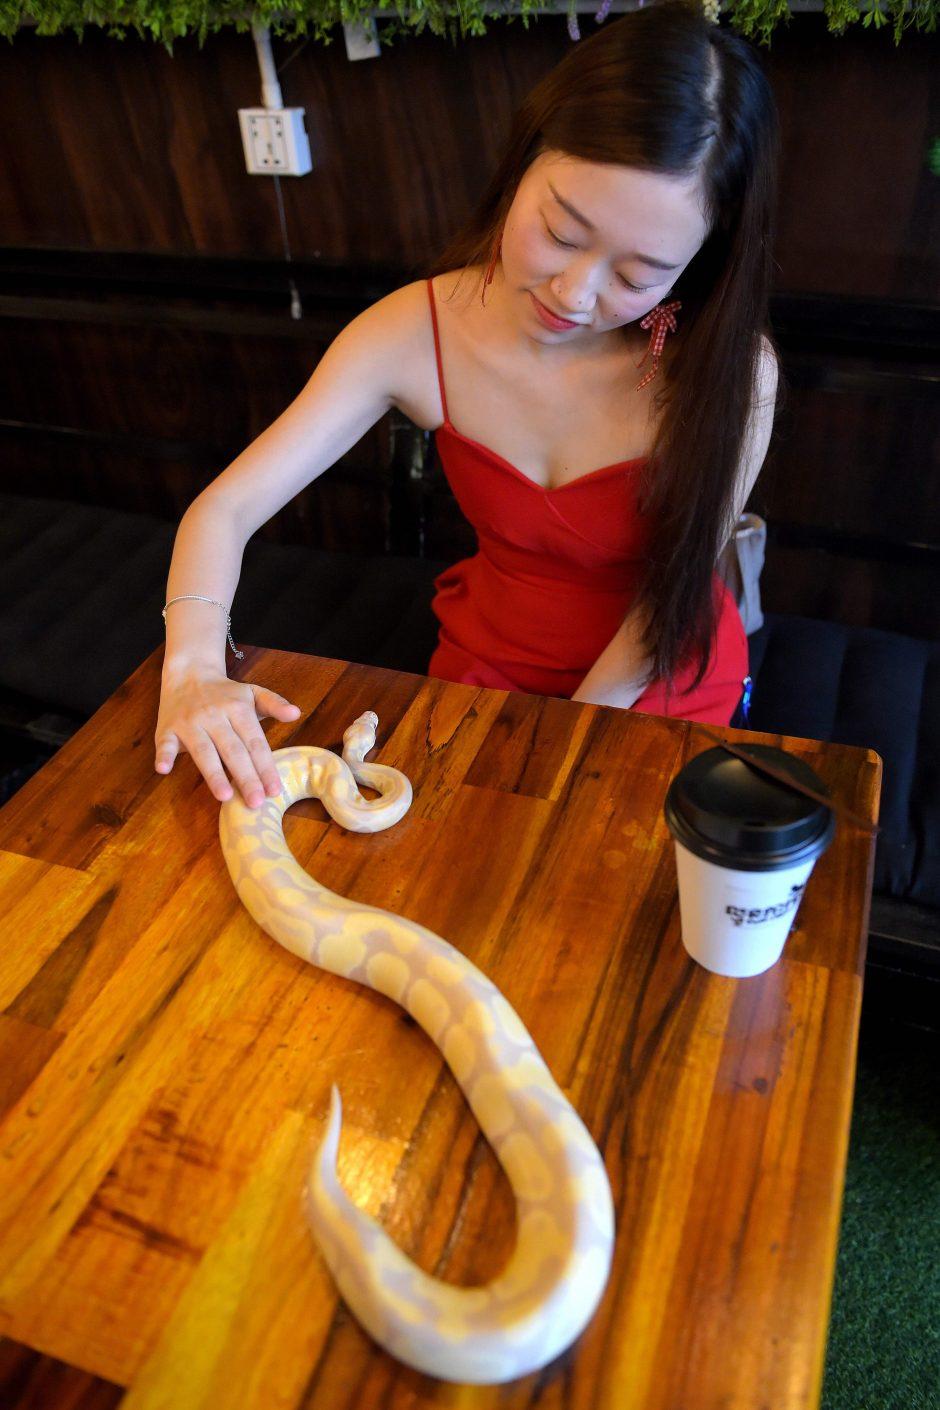 Roplių kavinė bando užkariauti žmonių širdis